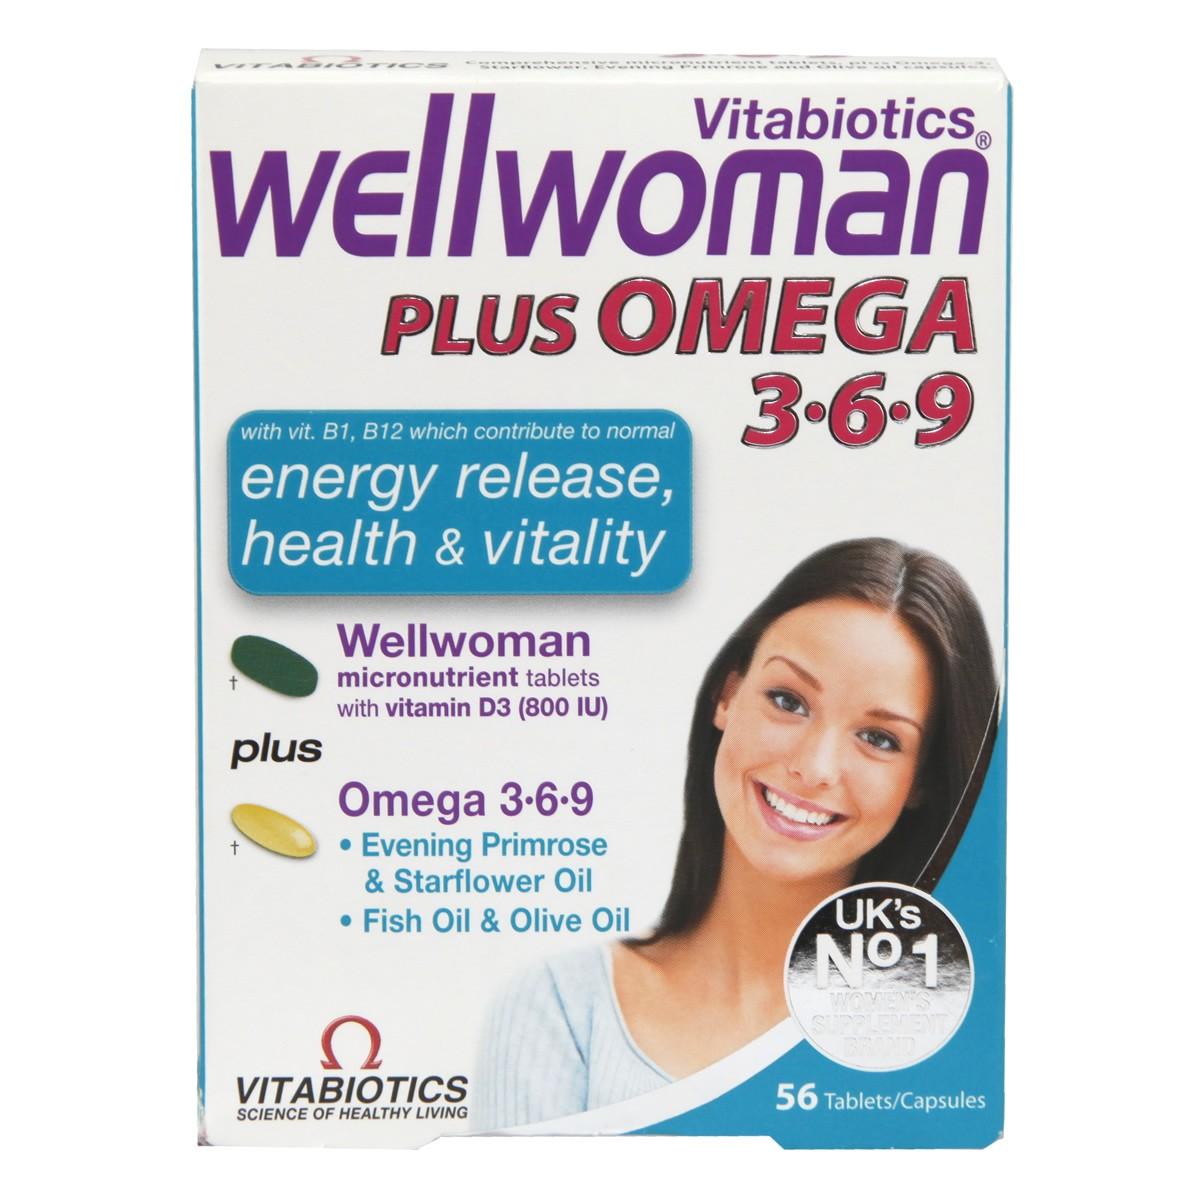 Vitabiotics Wellwoman Plus Omega 3-6-9